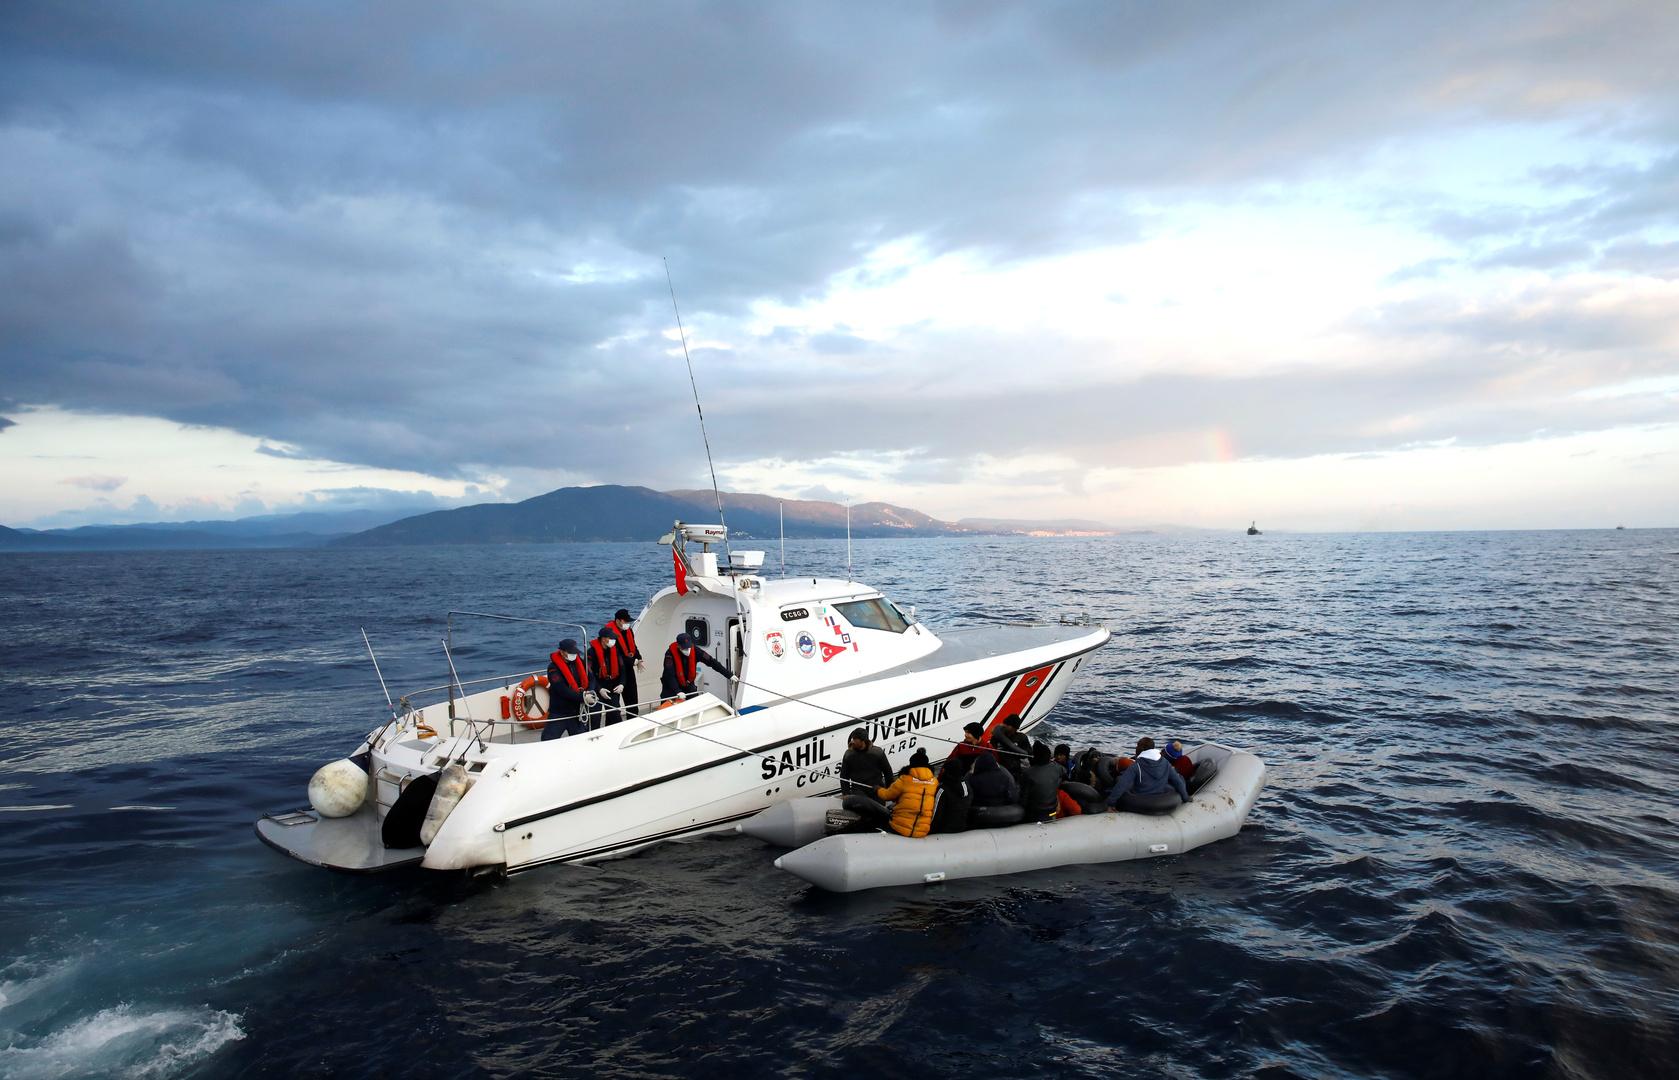 خفر السواحل التركي ينقذ مجموعة من المهاجرين غير الشرعيين